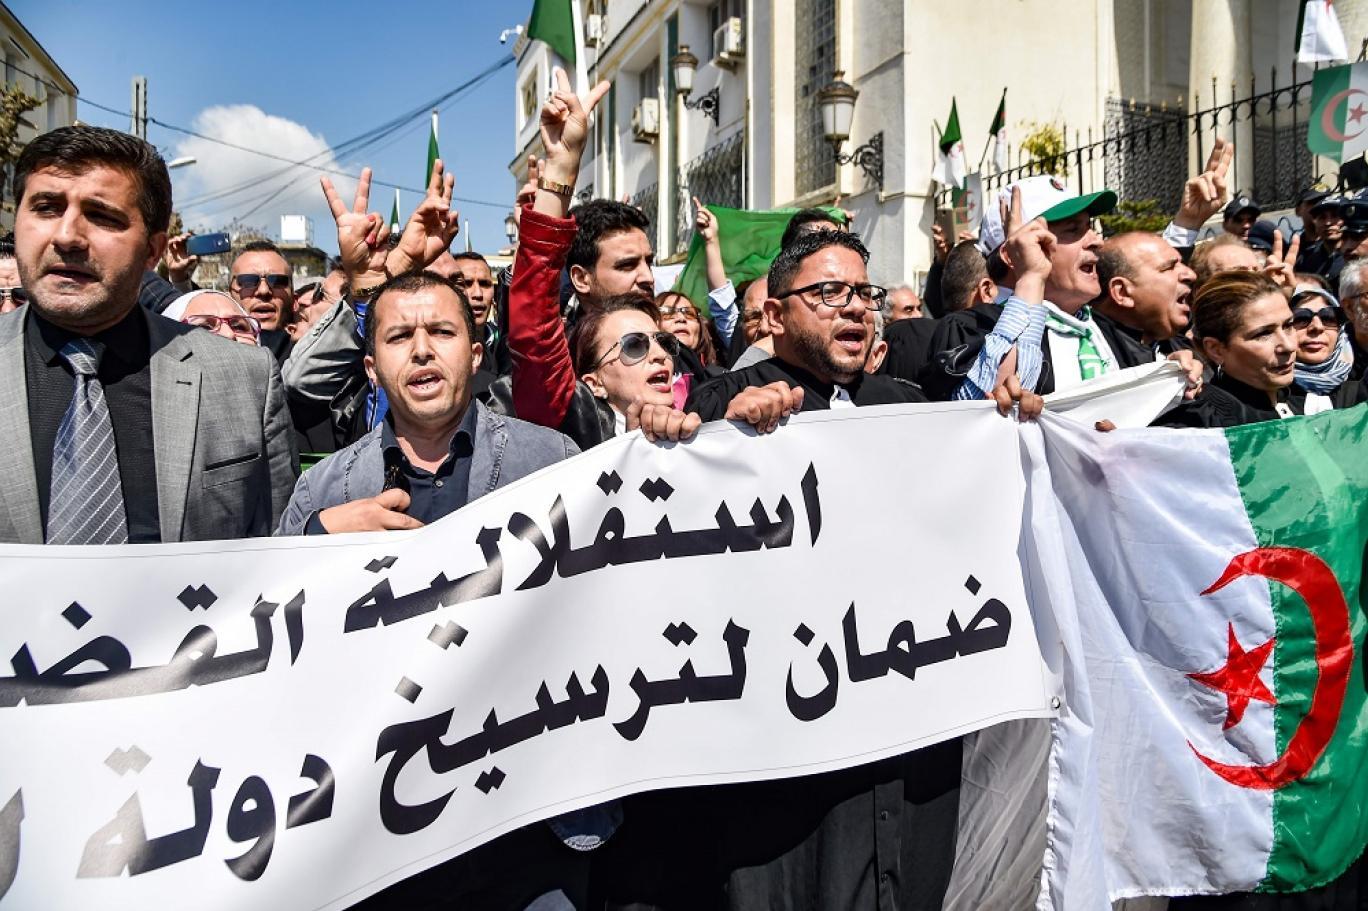 العدالة الجزائرية تُصعَد من وتيرة مُلاحقة رموز بوتفليقة